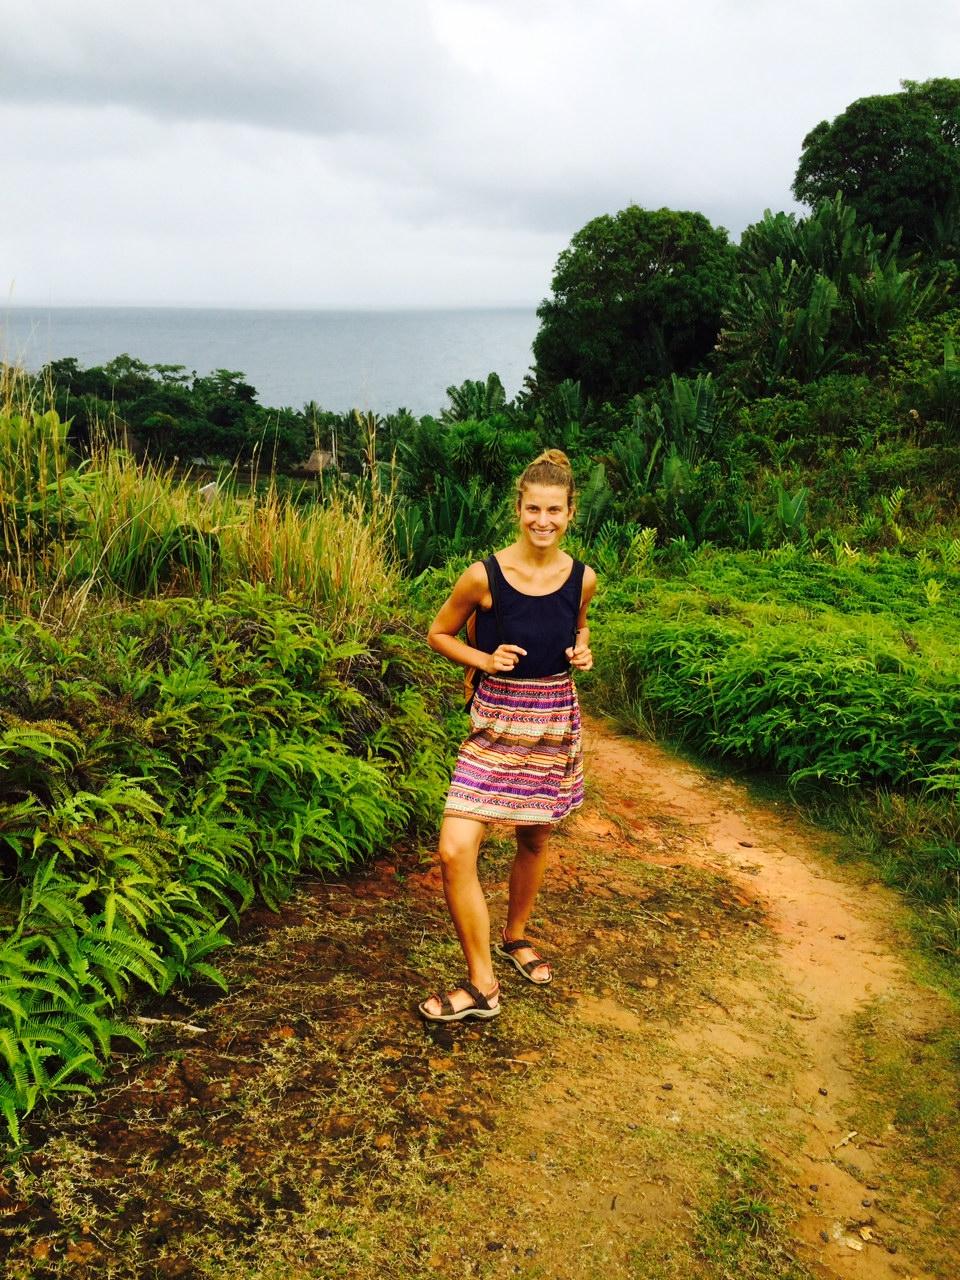 Szabó Nóra a Sainte-Marie szigeten, ahol a régi időkben kalózok éltek: a Madagaszkár partjaitól nyolc kilométerre található sziget azóta is népszerű az európaiak körében (Fotó: Szabó Nóra)